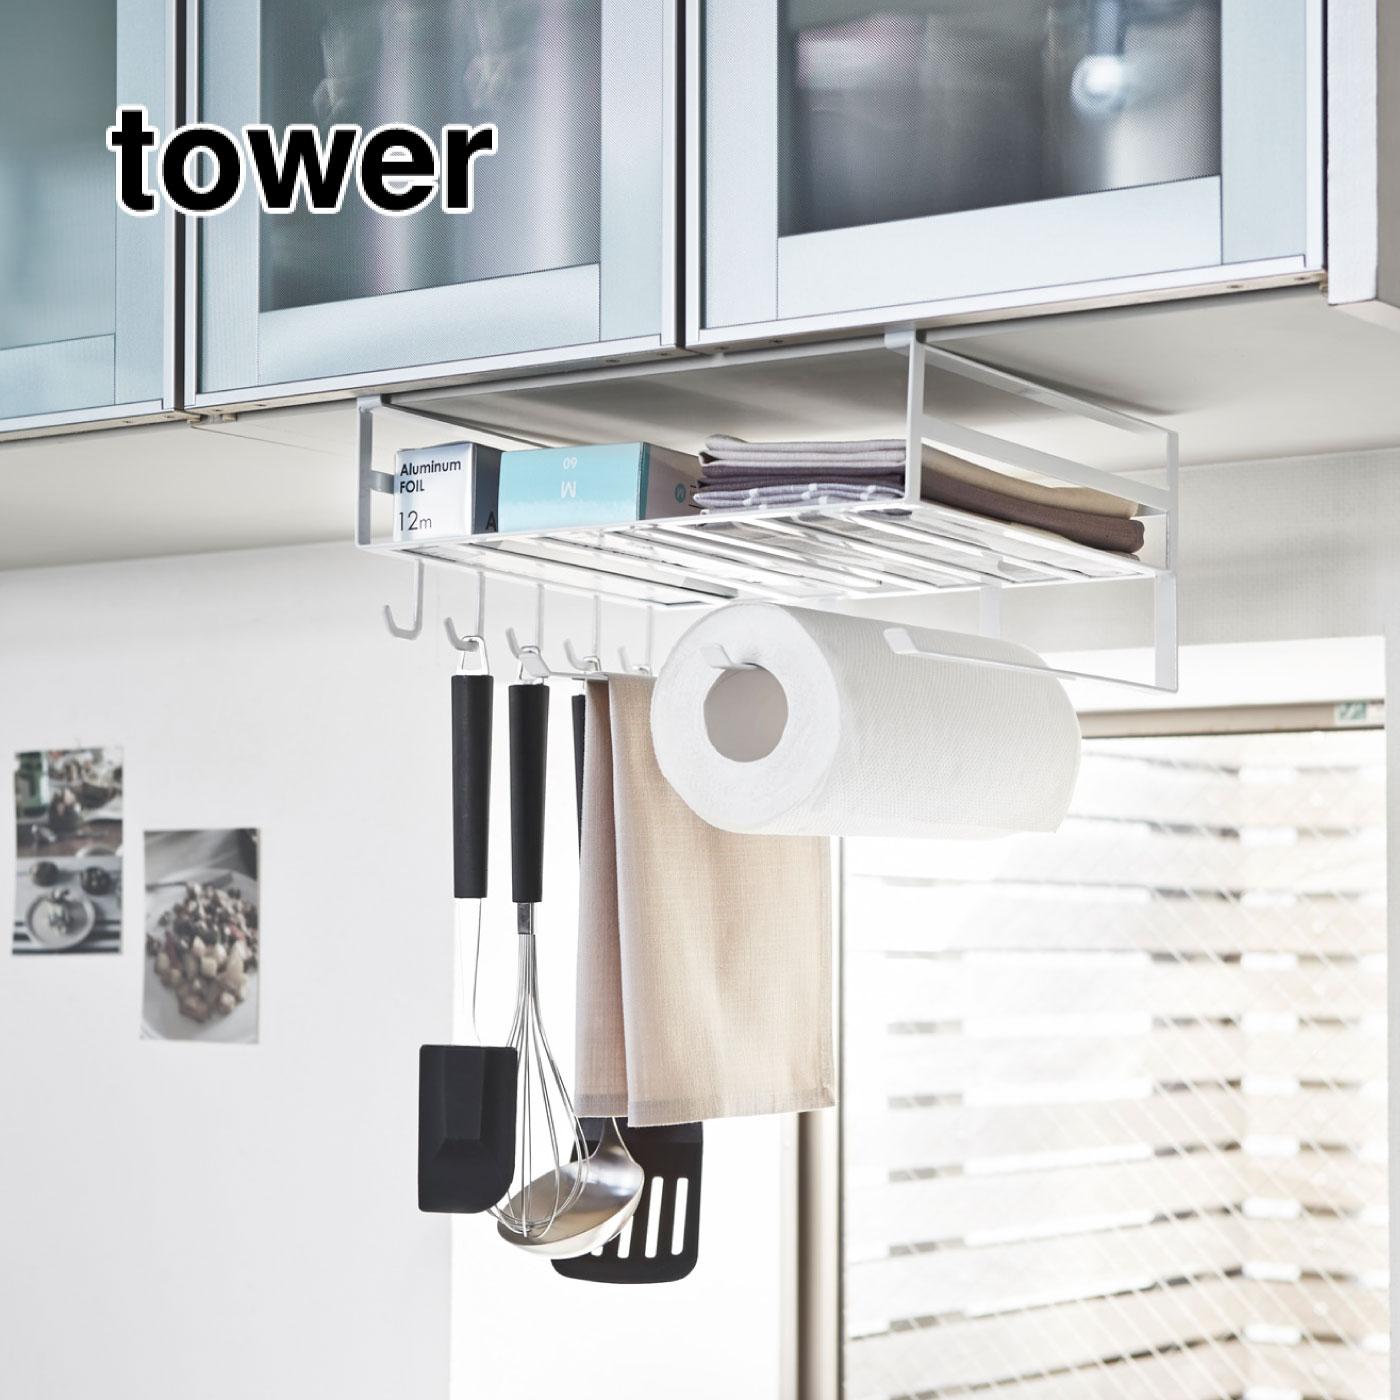 フェリシモ tower 戸棚下多機能ラック